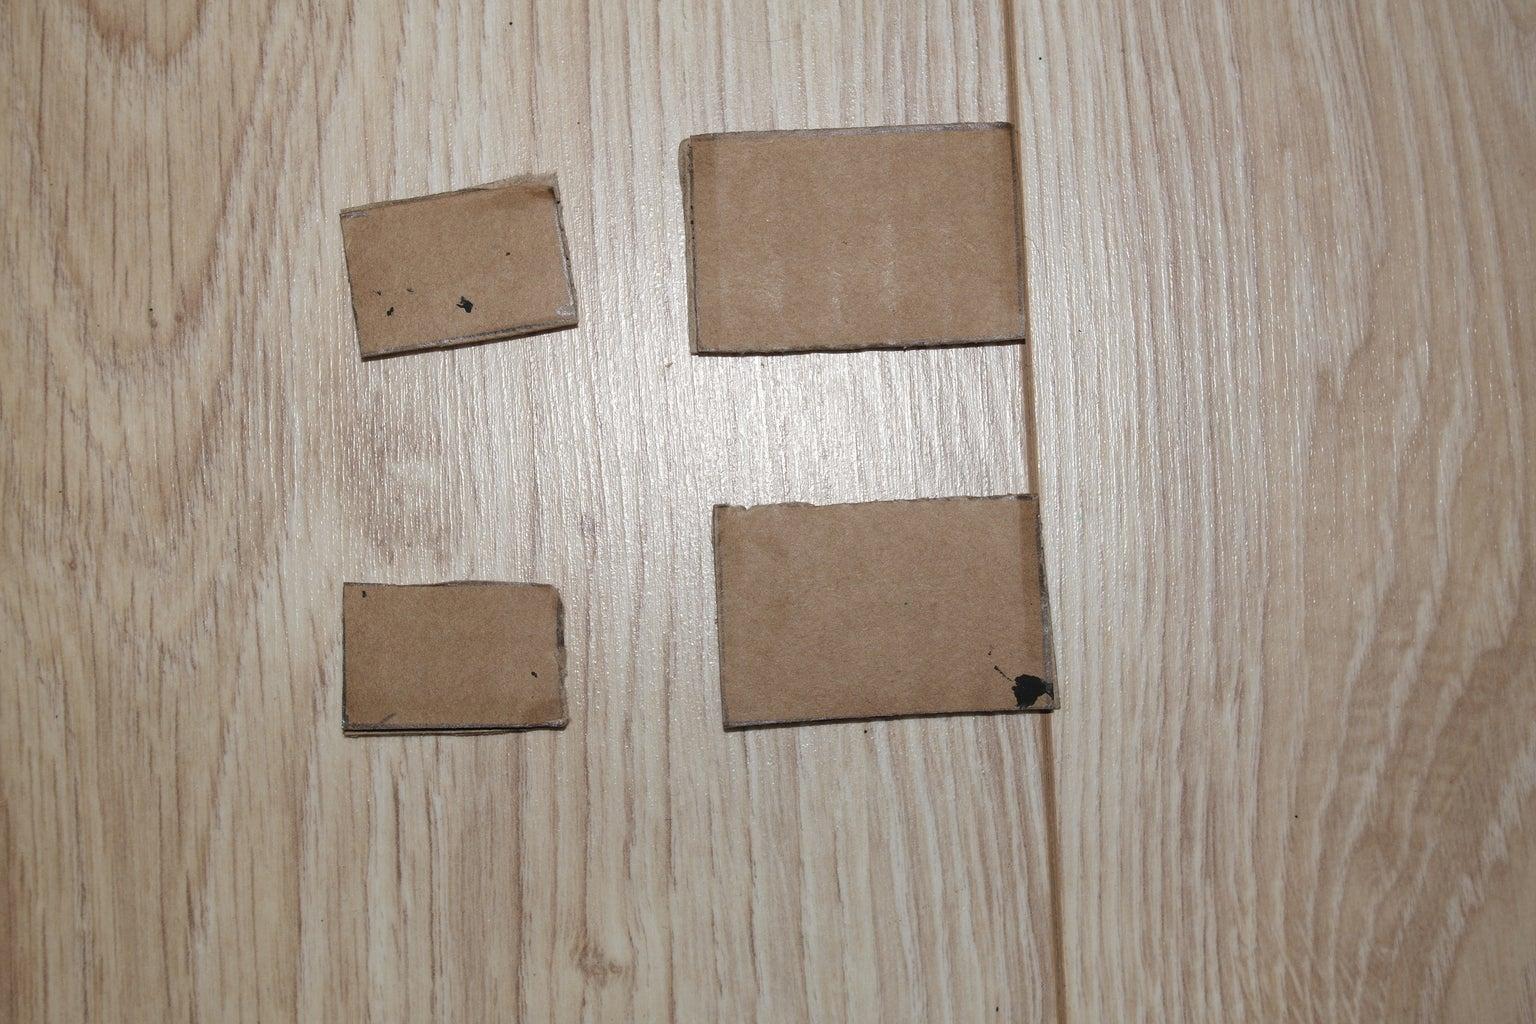 Cut the Box